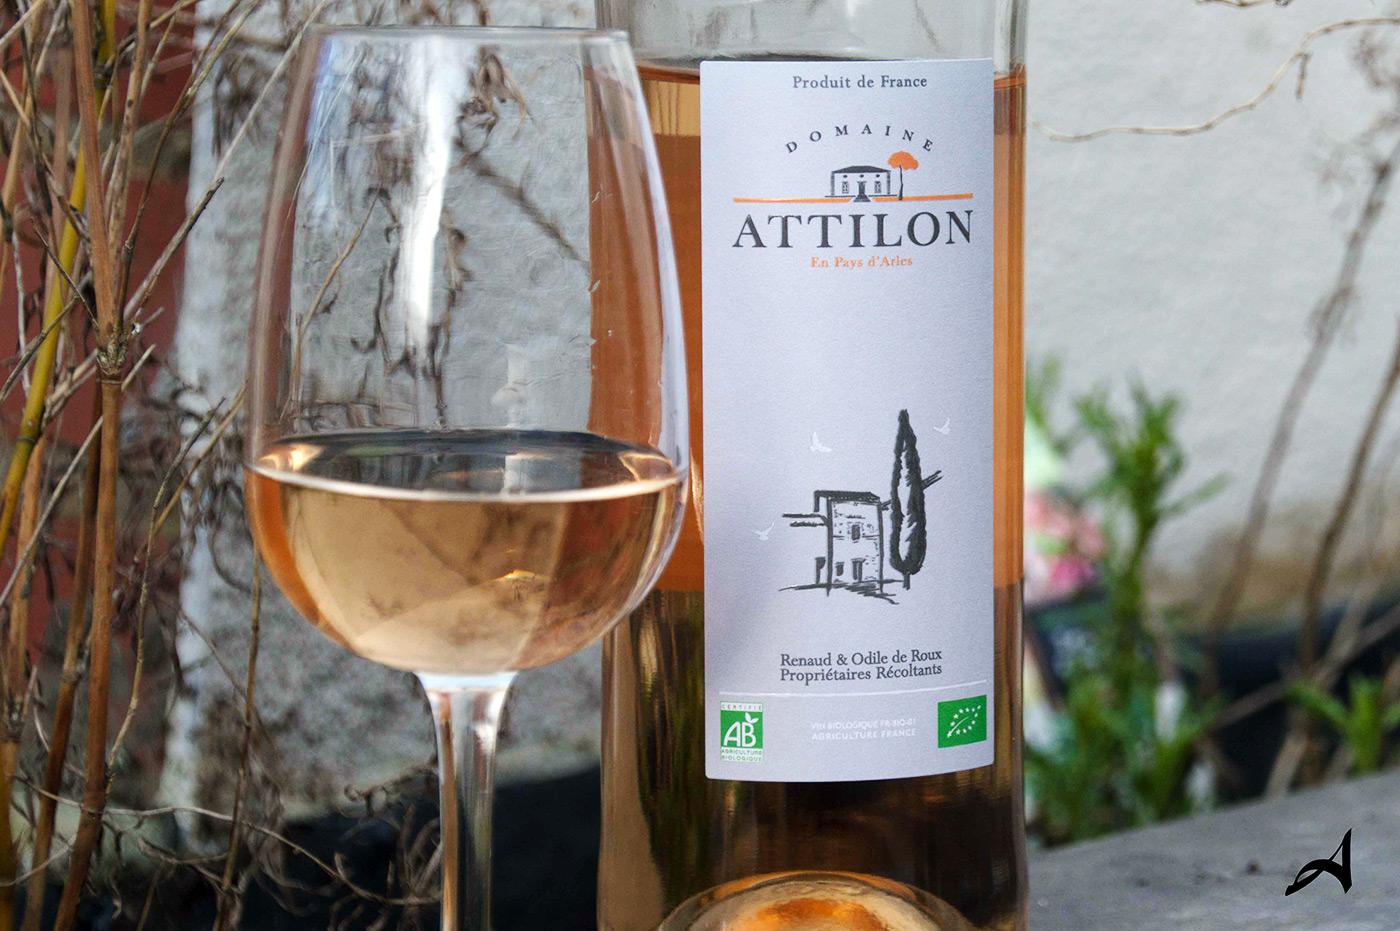 Attilon-01